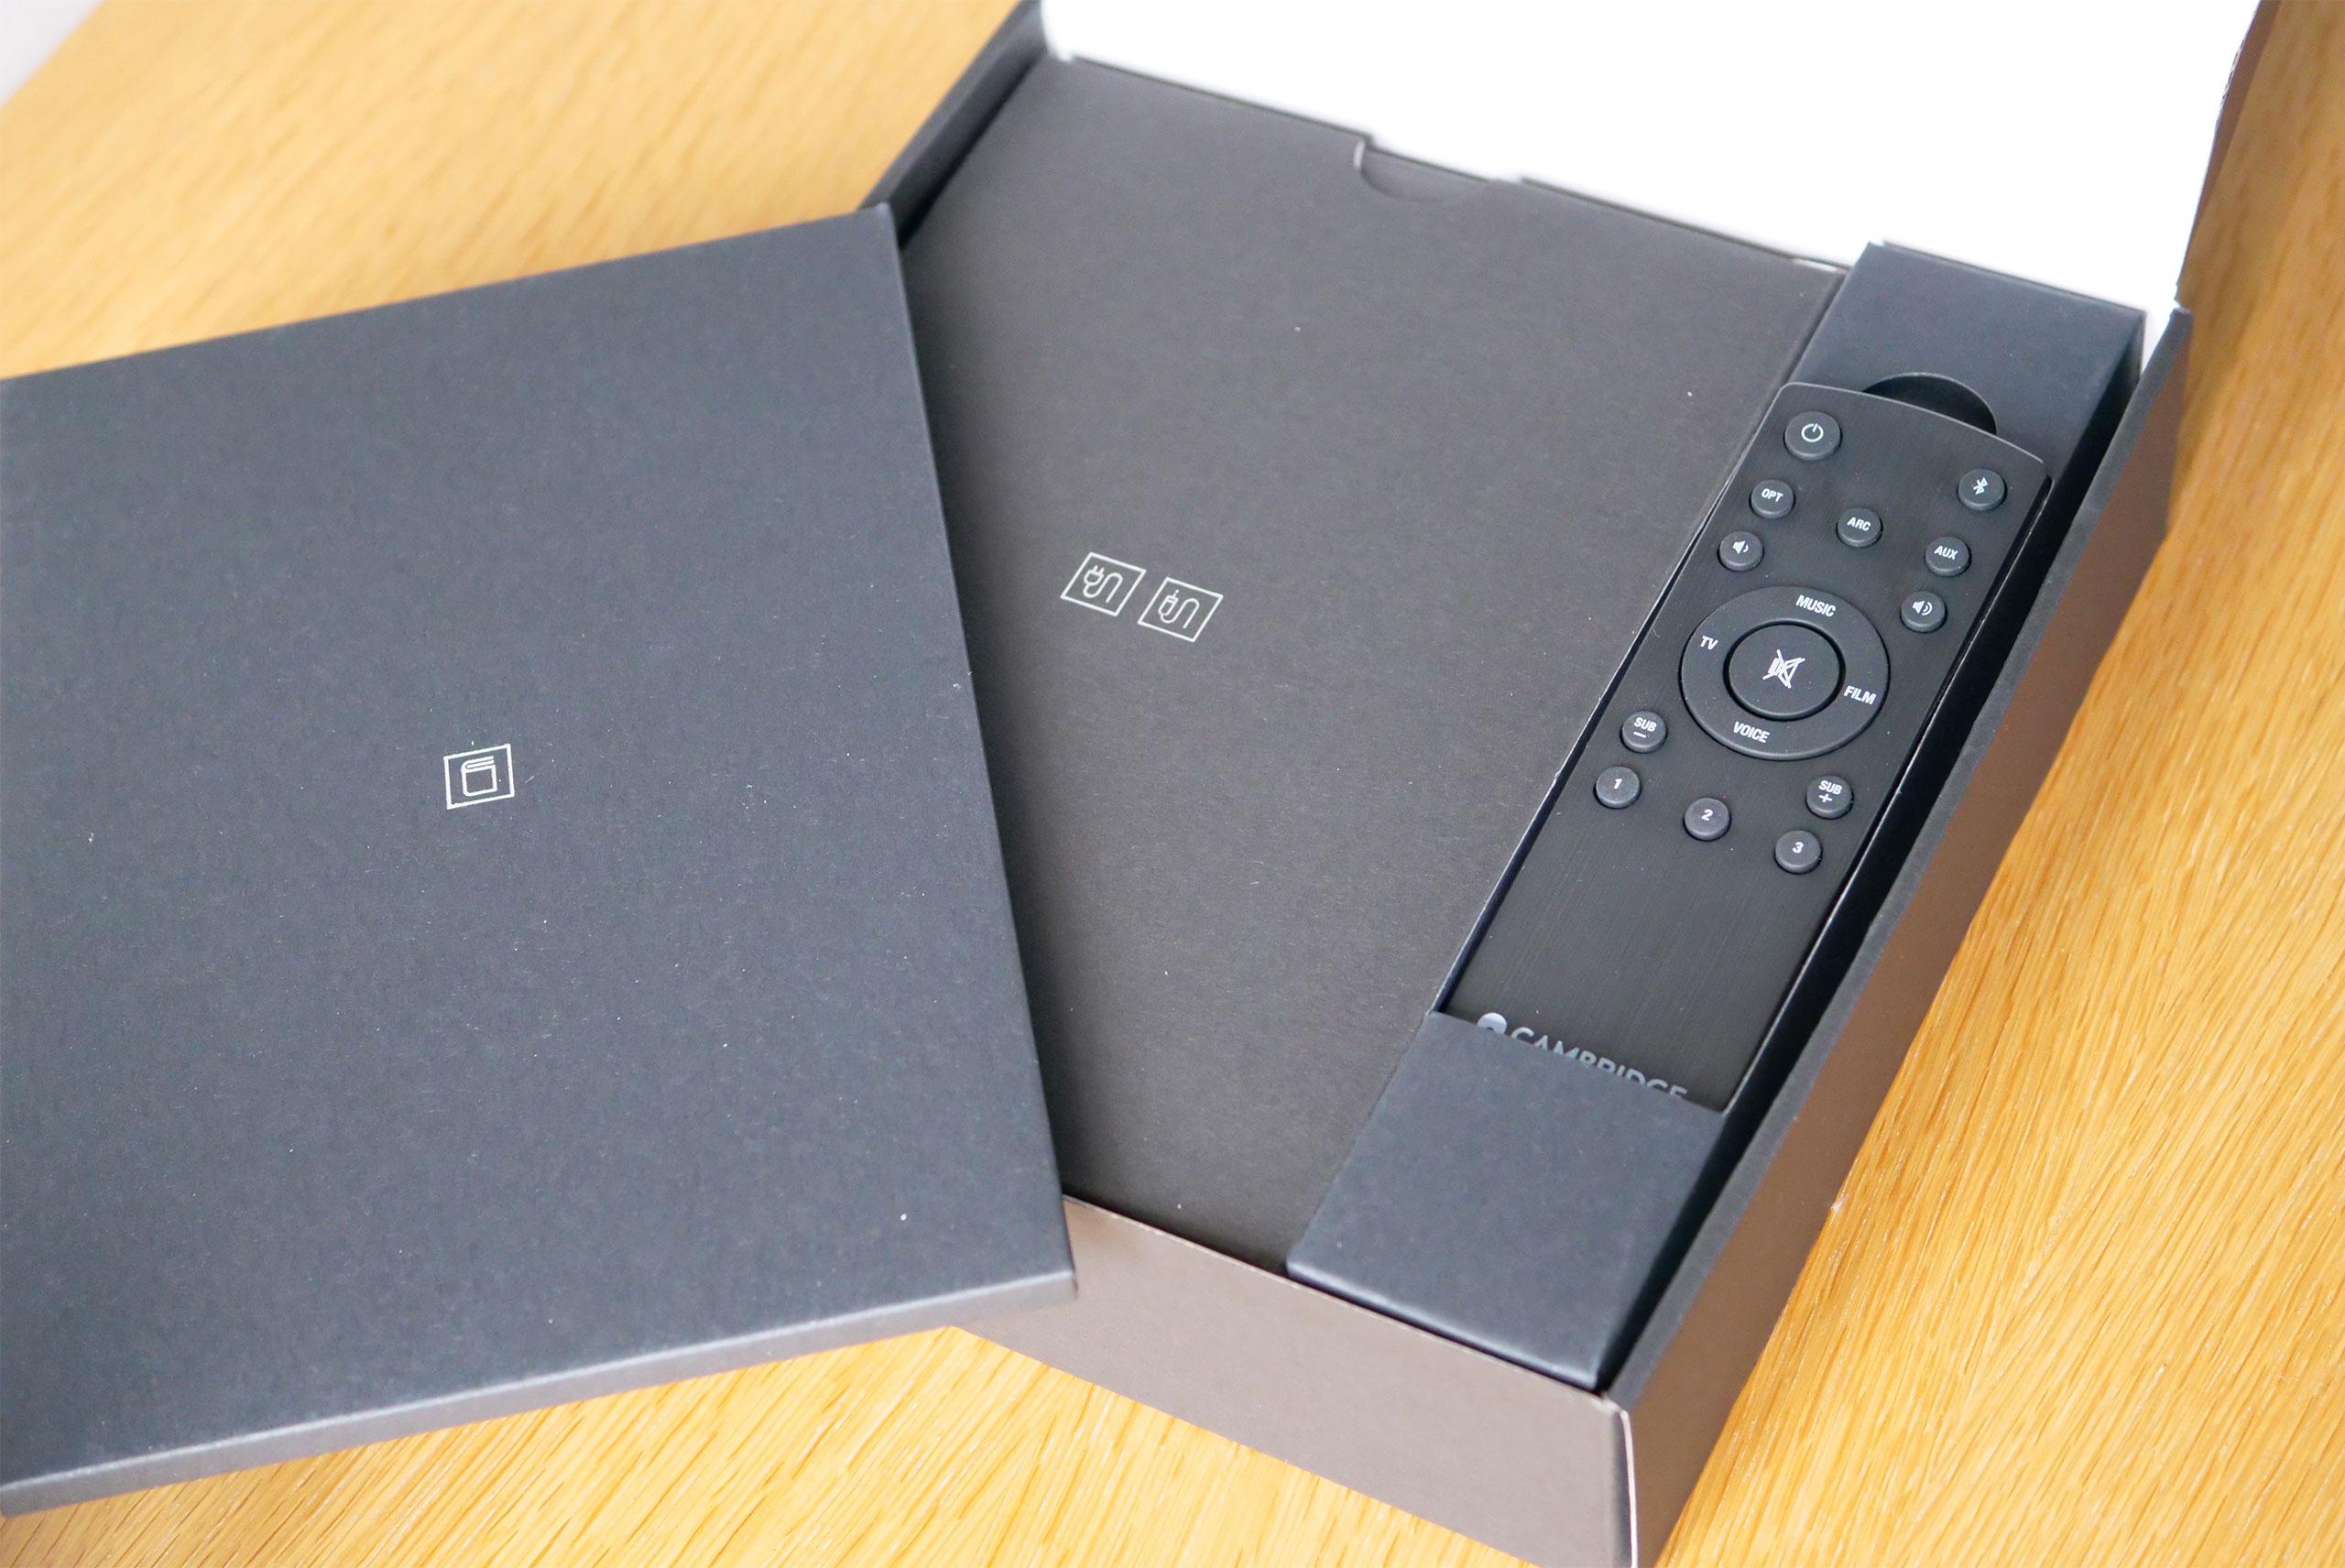 La télécommande offre un accès direct à toutes les fonctions possibles de l'enceinte.